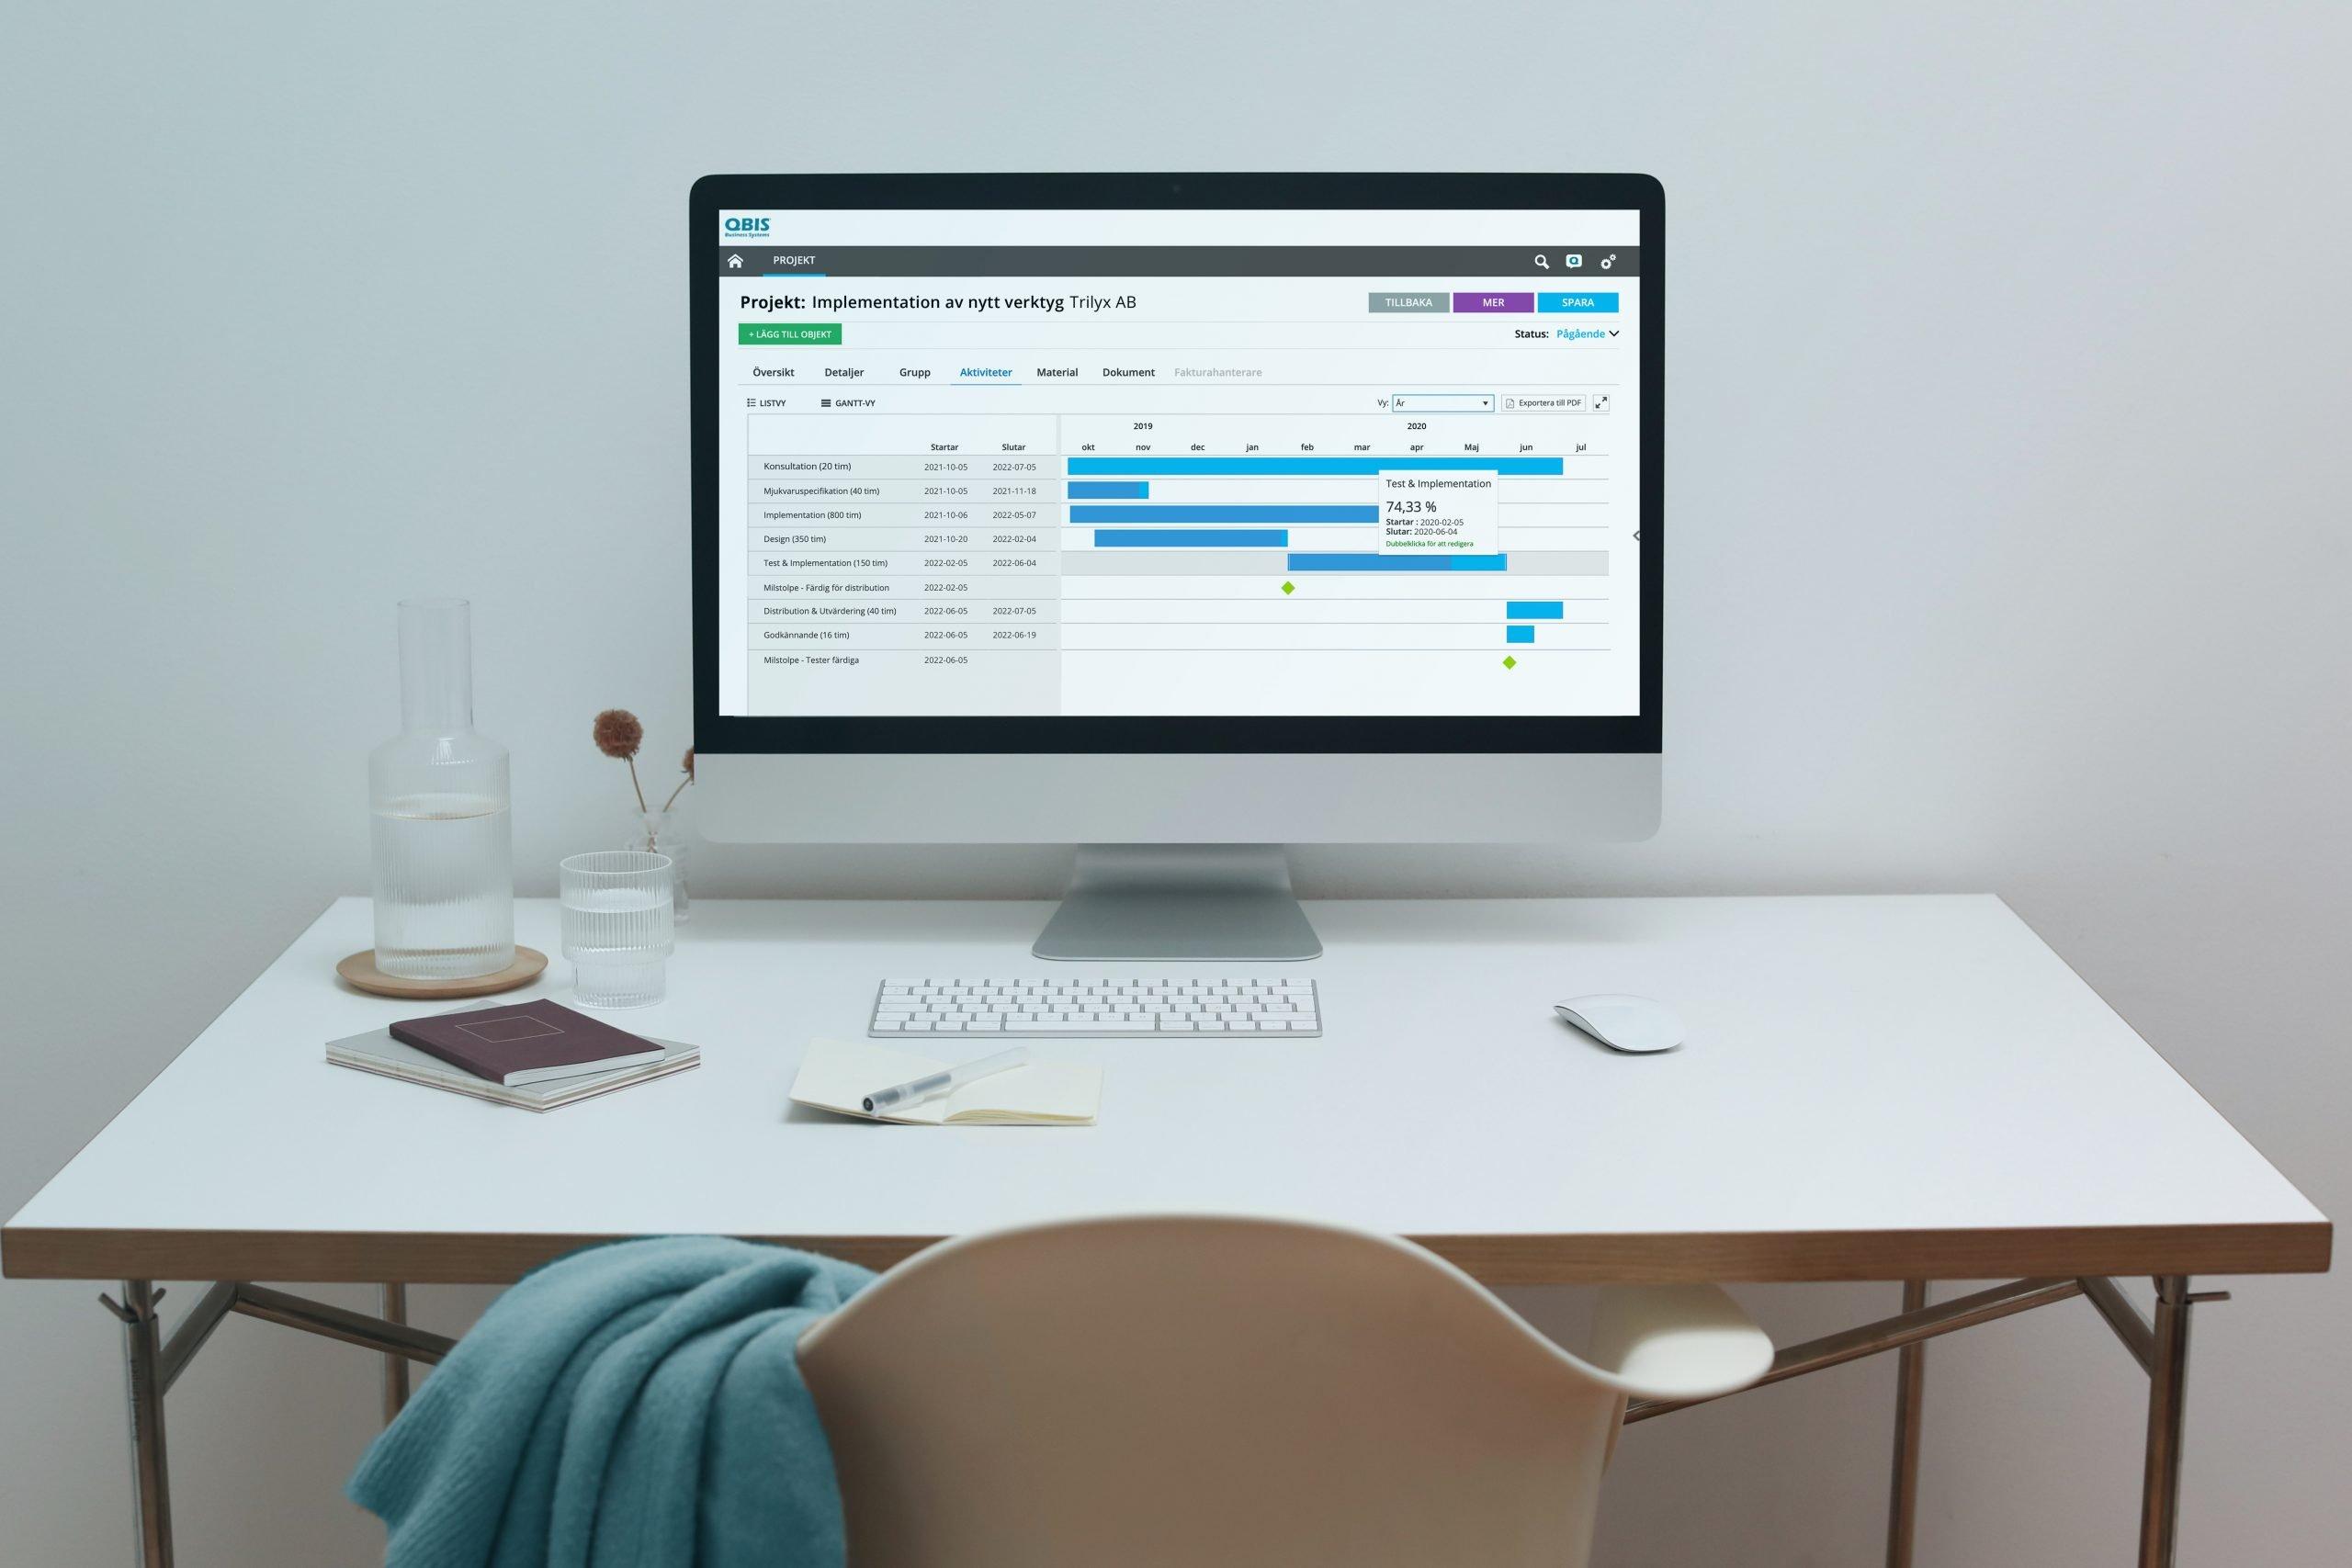 Planera ditt projekt med GANTT schema och få klarhet i alla aktiviteter